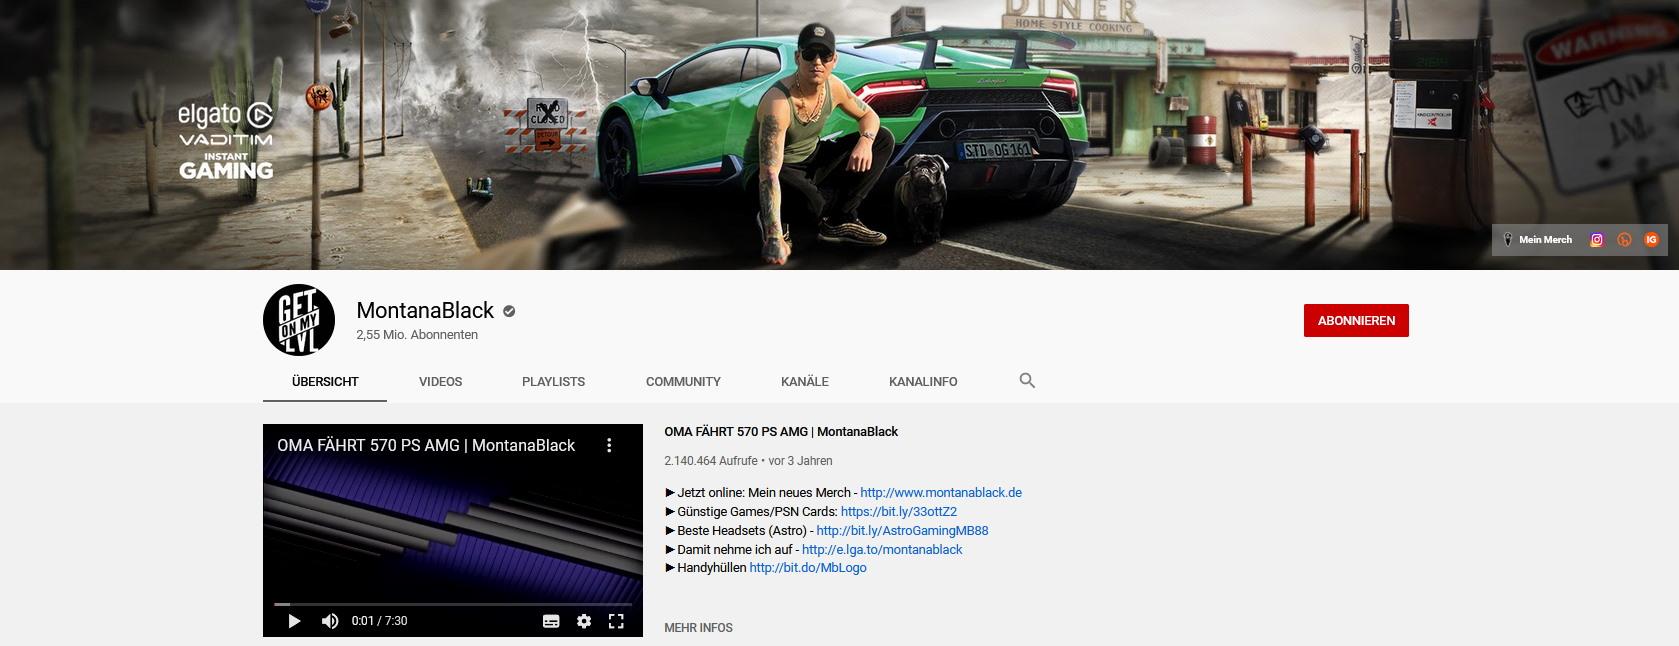 MontanaBlack Youtube